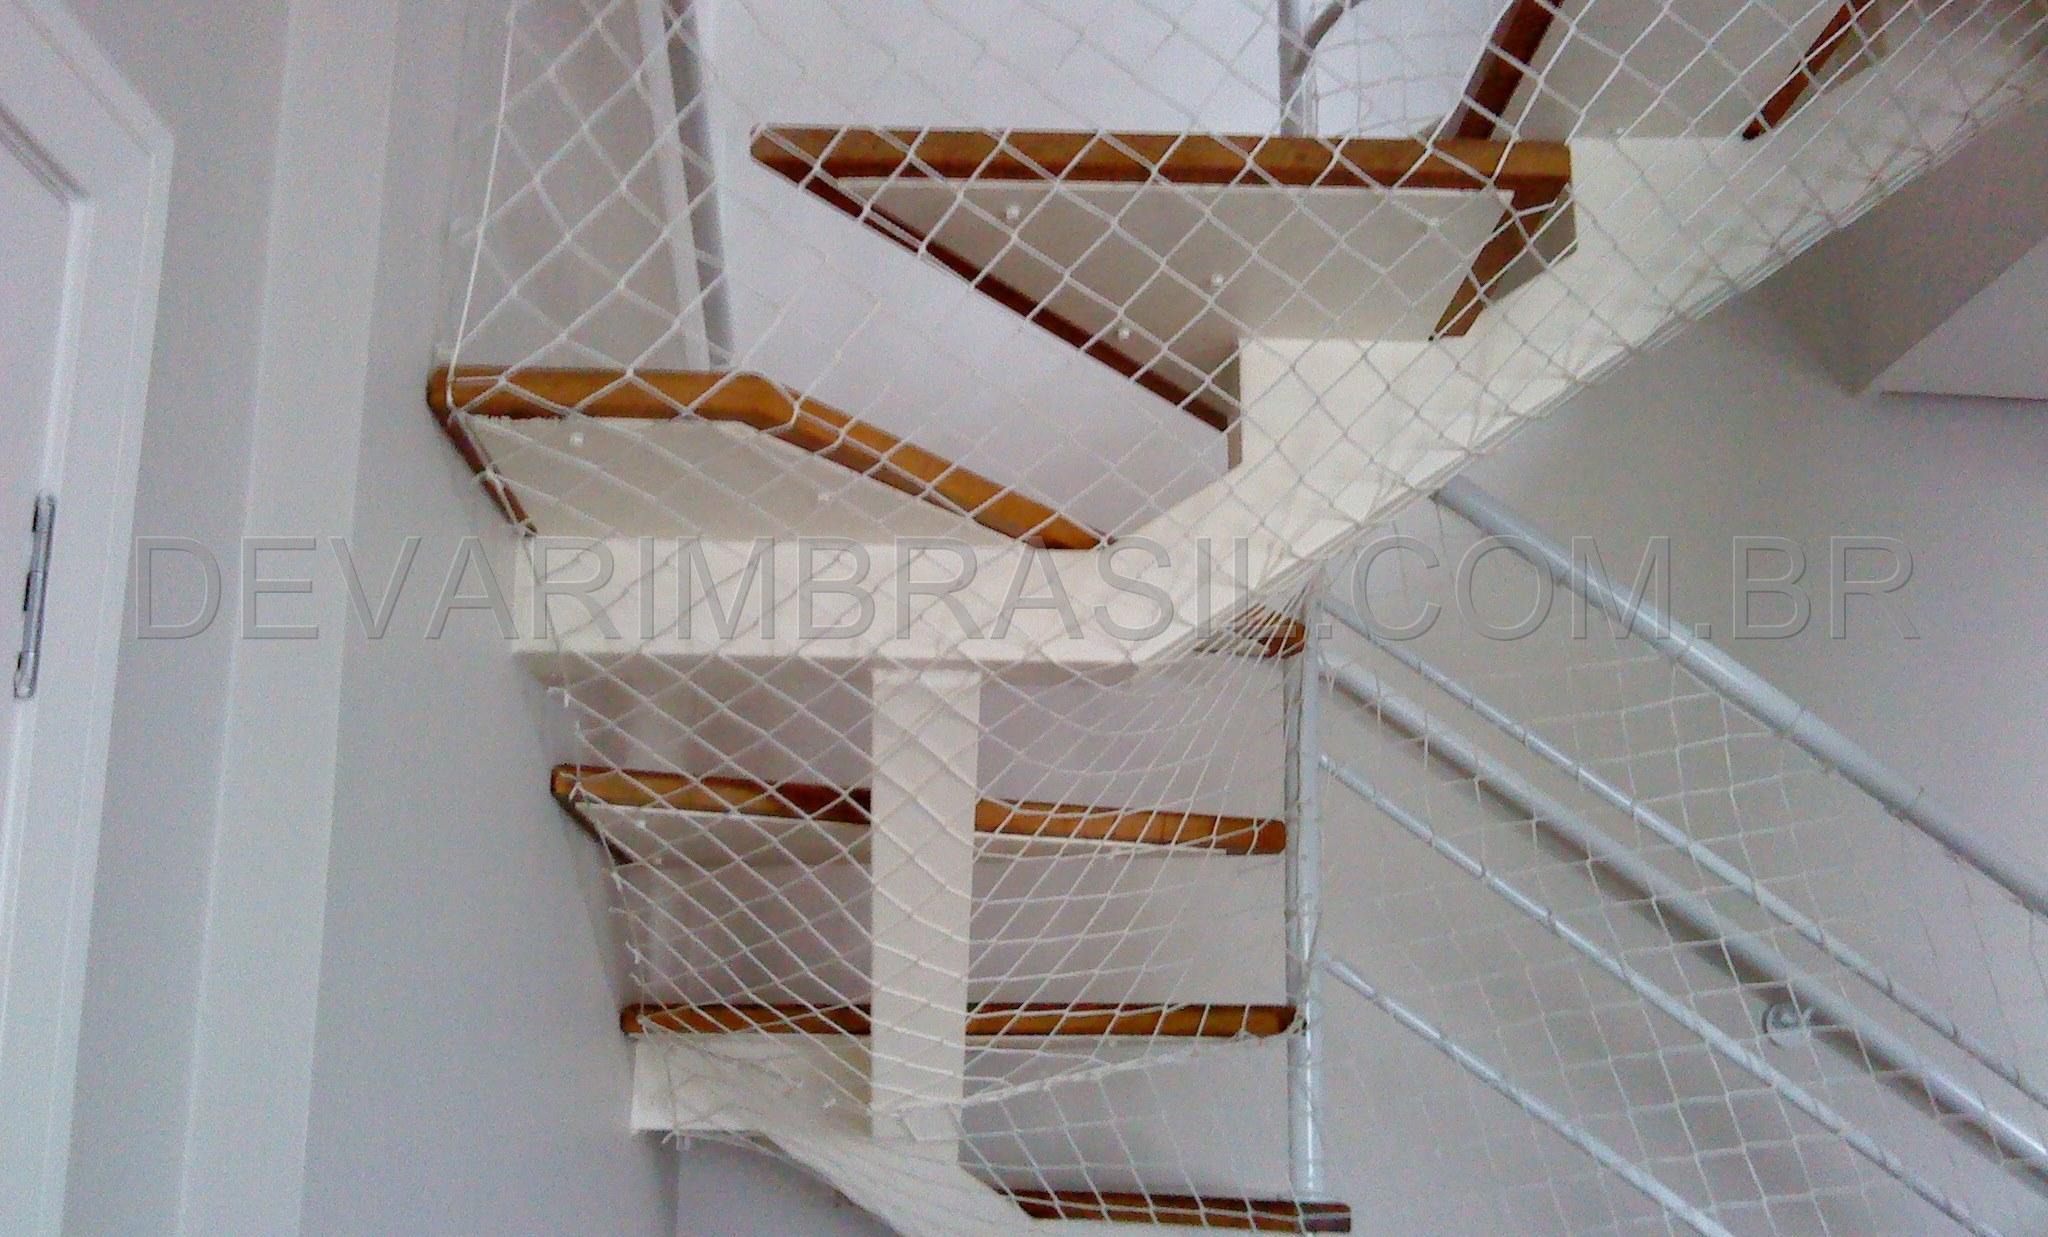 Rede-de-Proteção-para-Escadas_wm